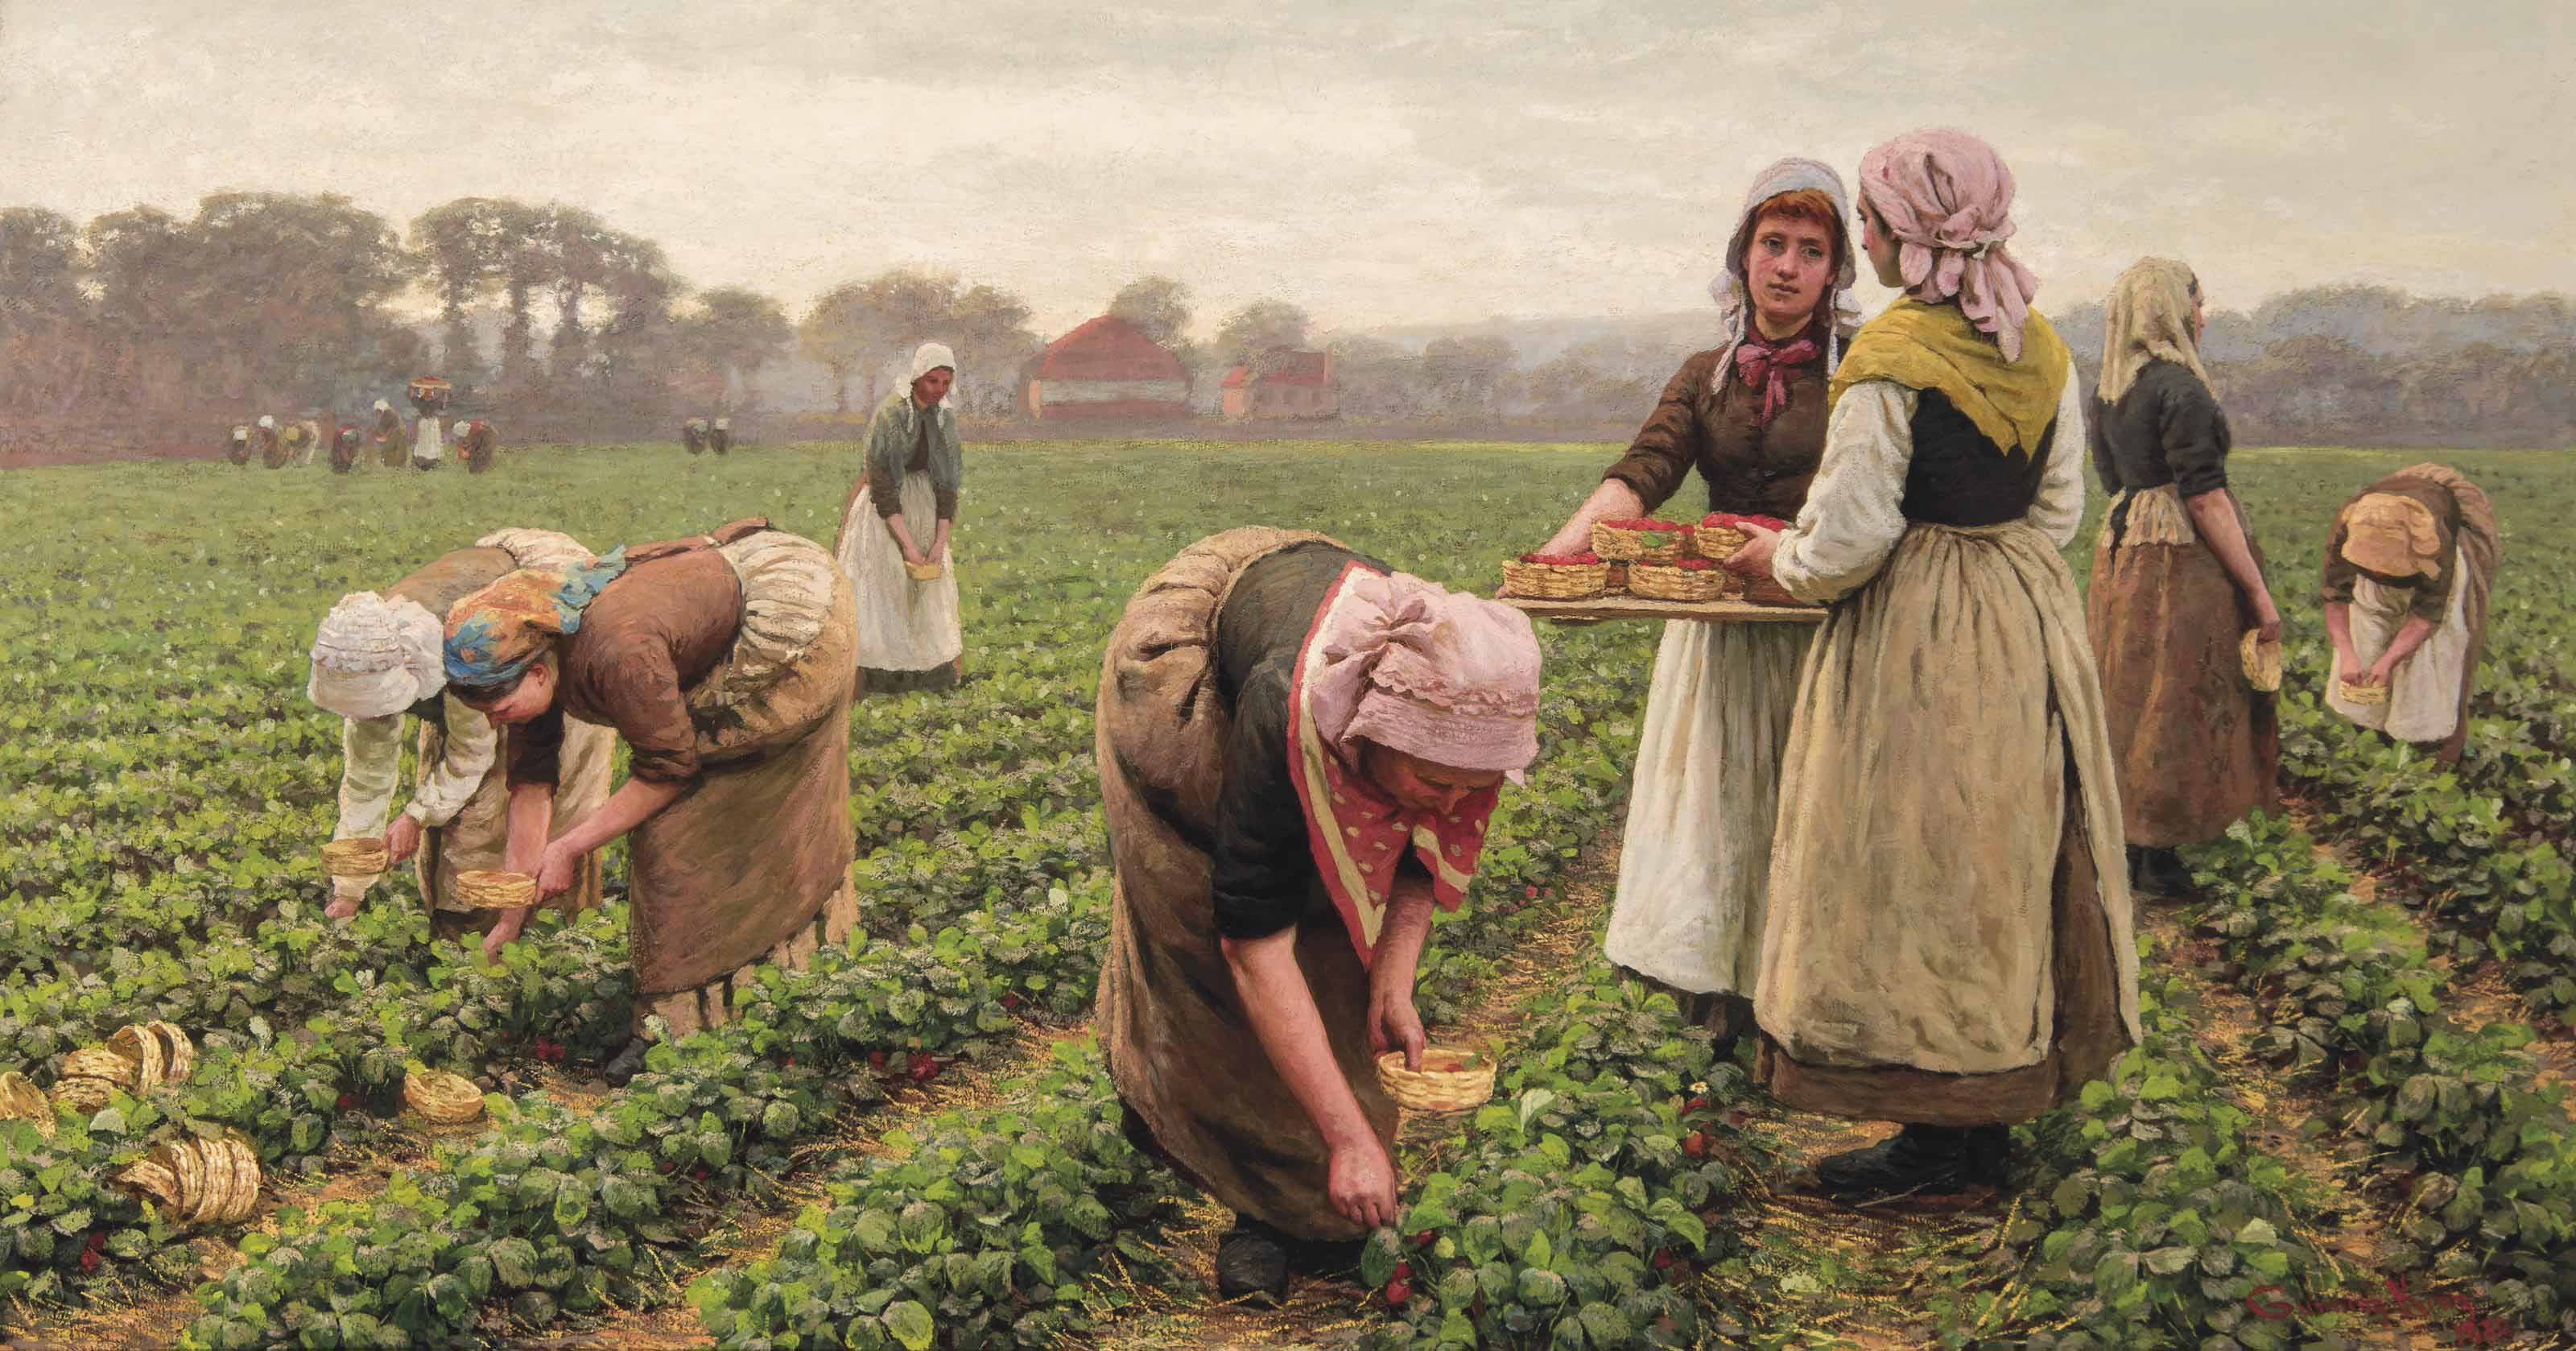 Strawberry gatherers